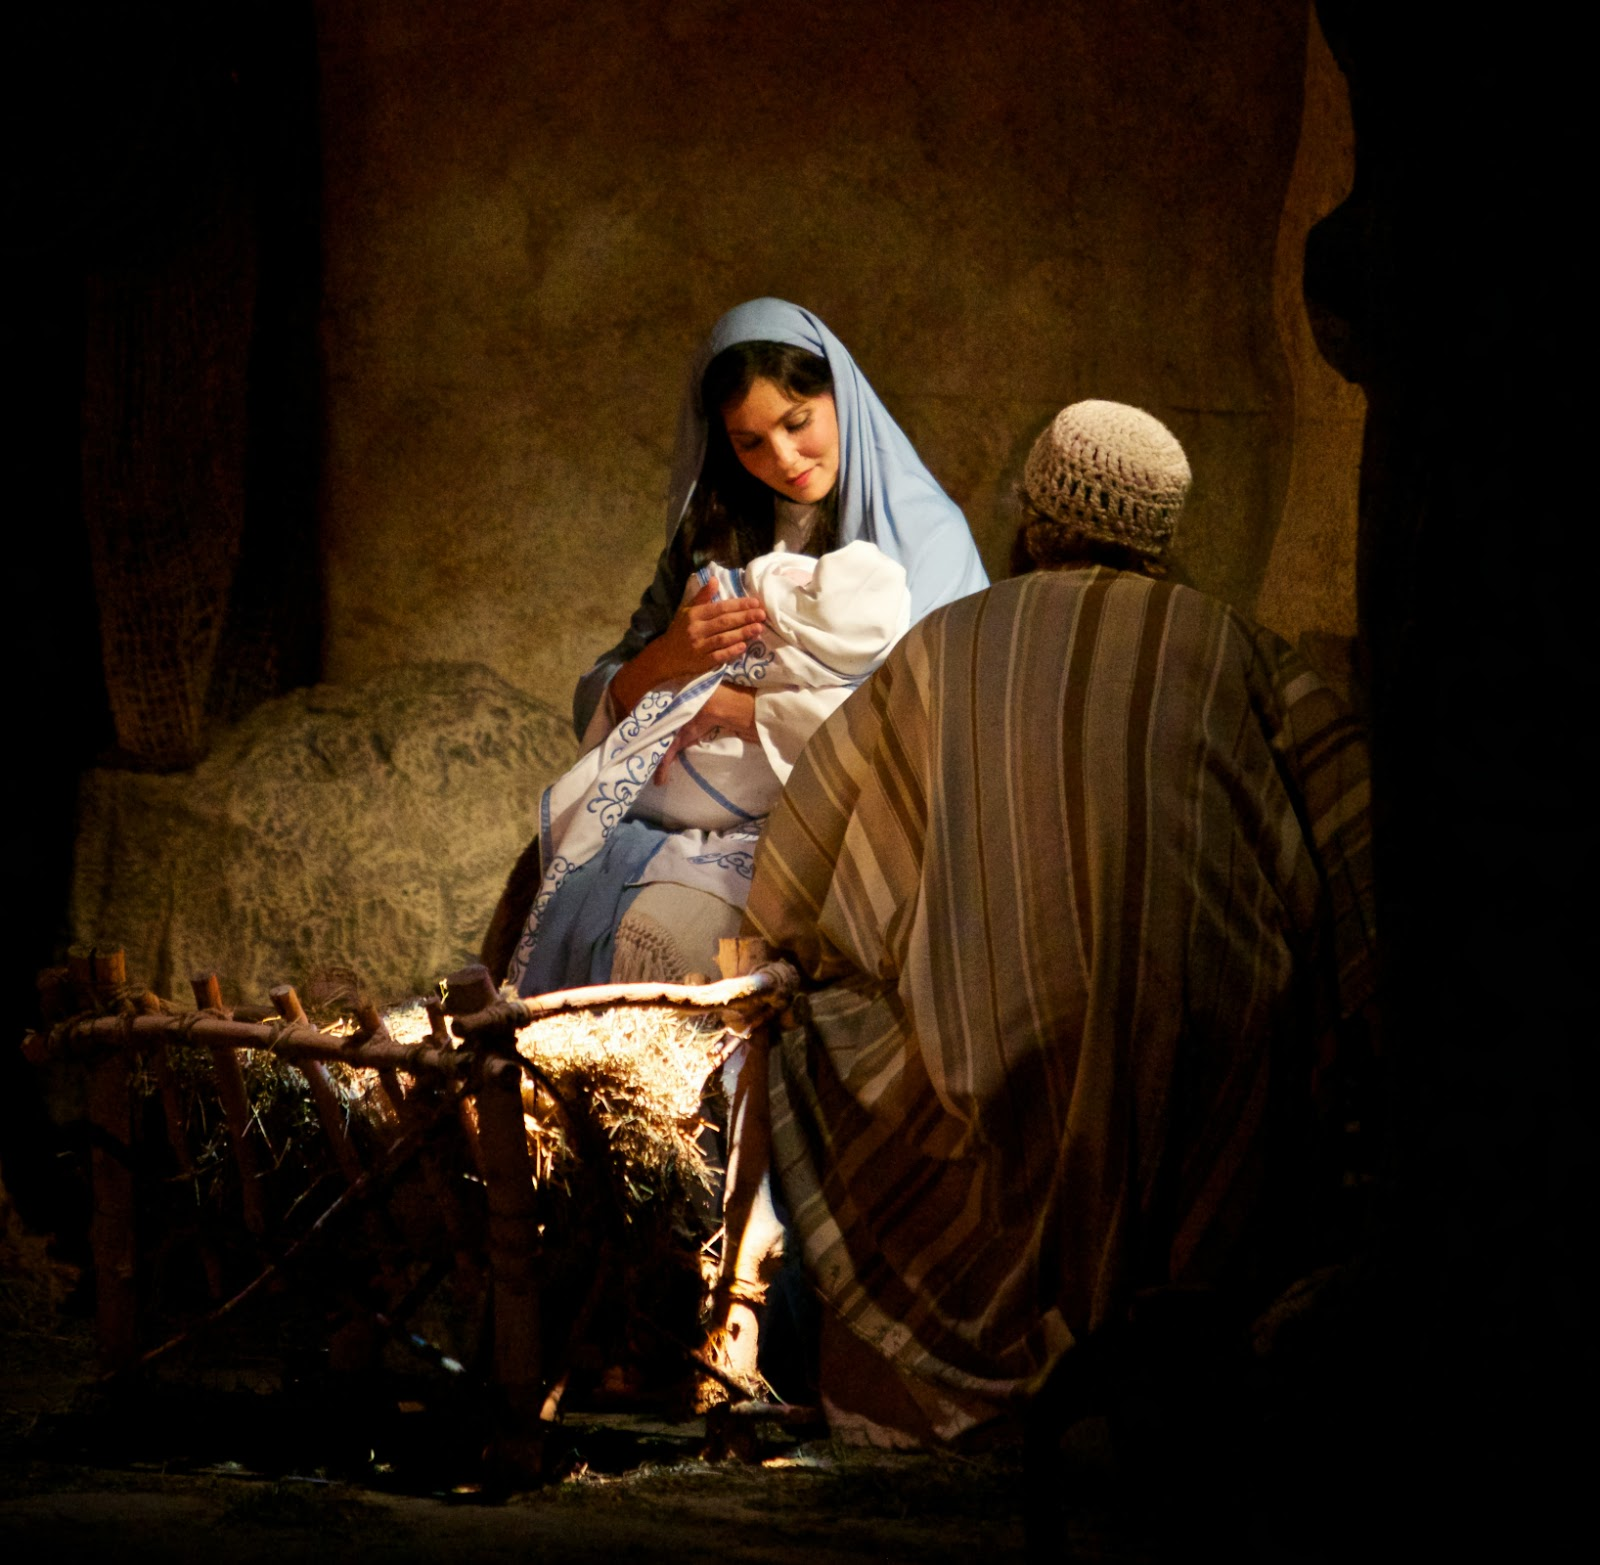 LDS Christmas Wallpaper